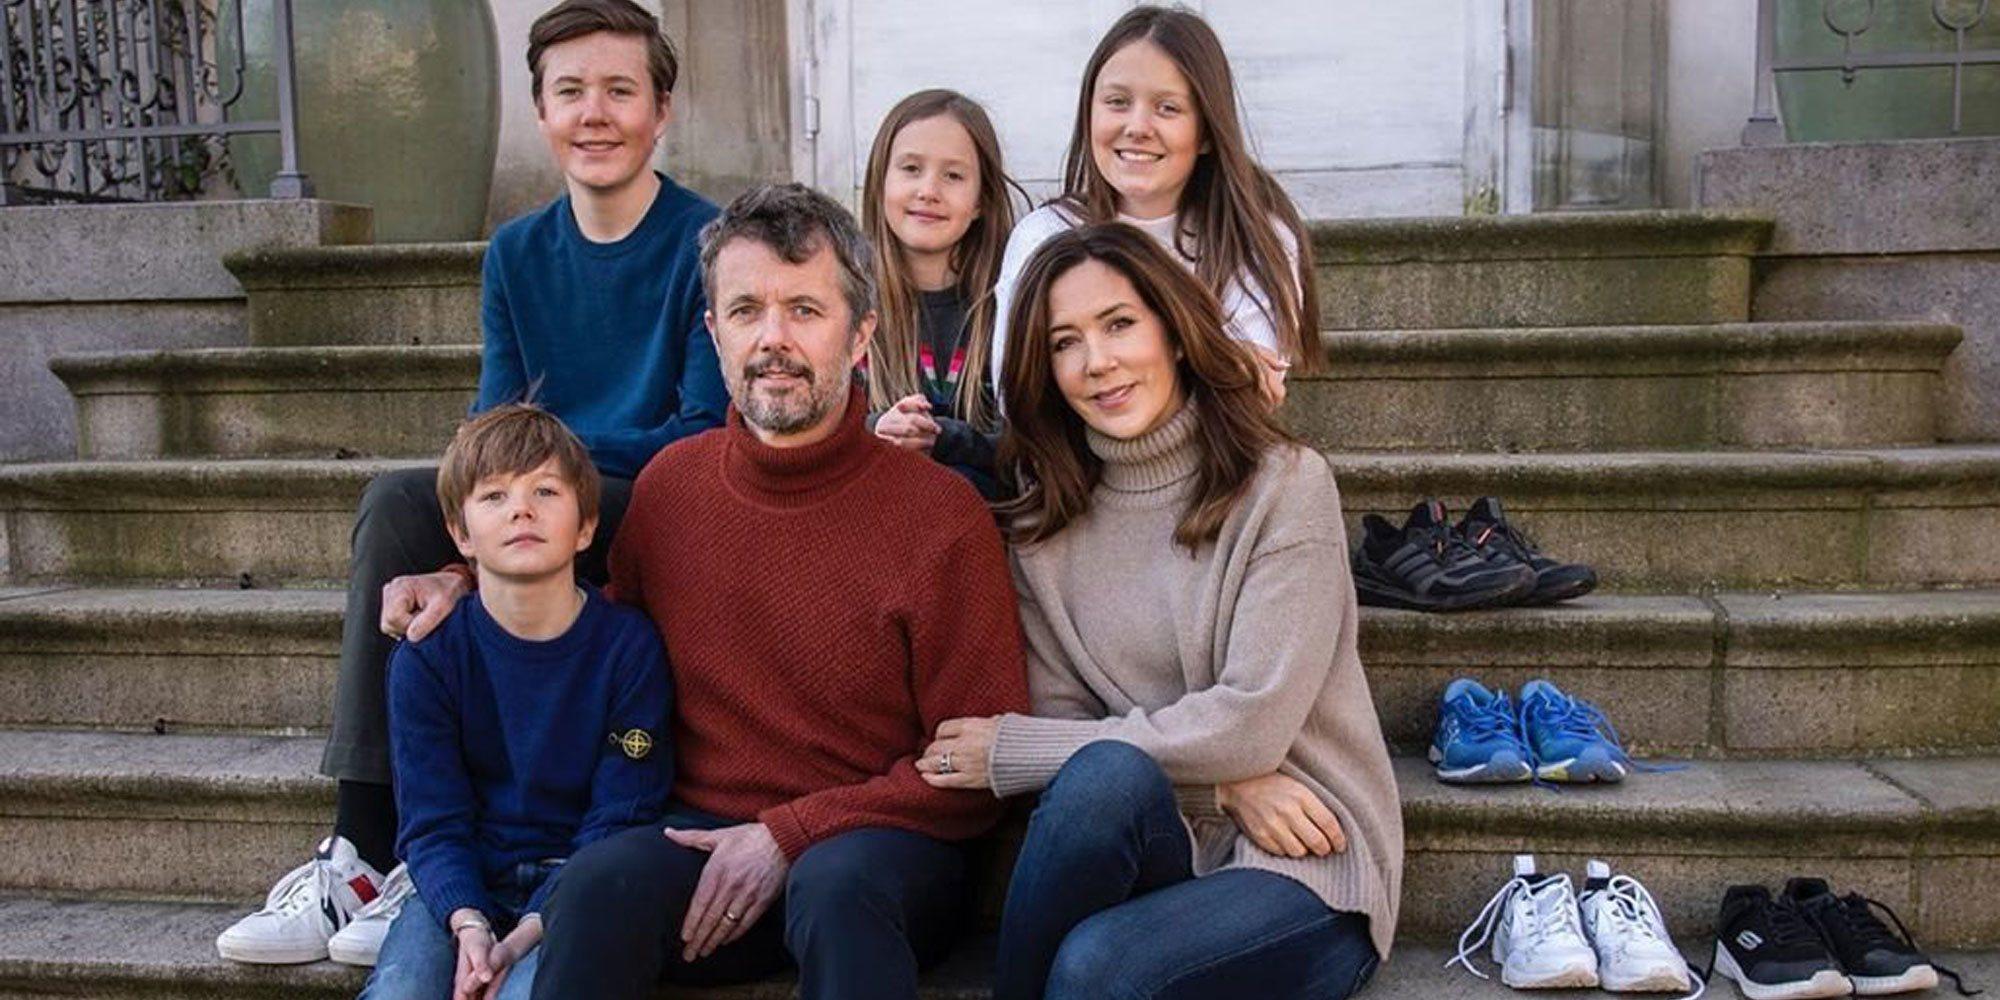 Federico y Mary Dinamarca y sus hijos Christian, Isabel, Vicente y Josefina muestran cómo sobrellevan la cuarentena